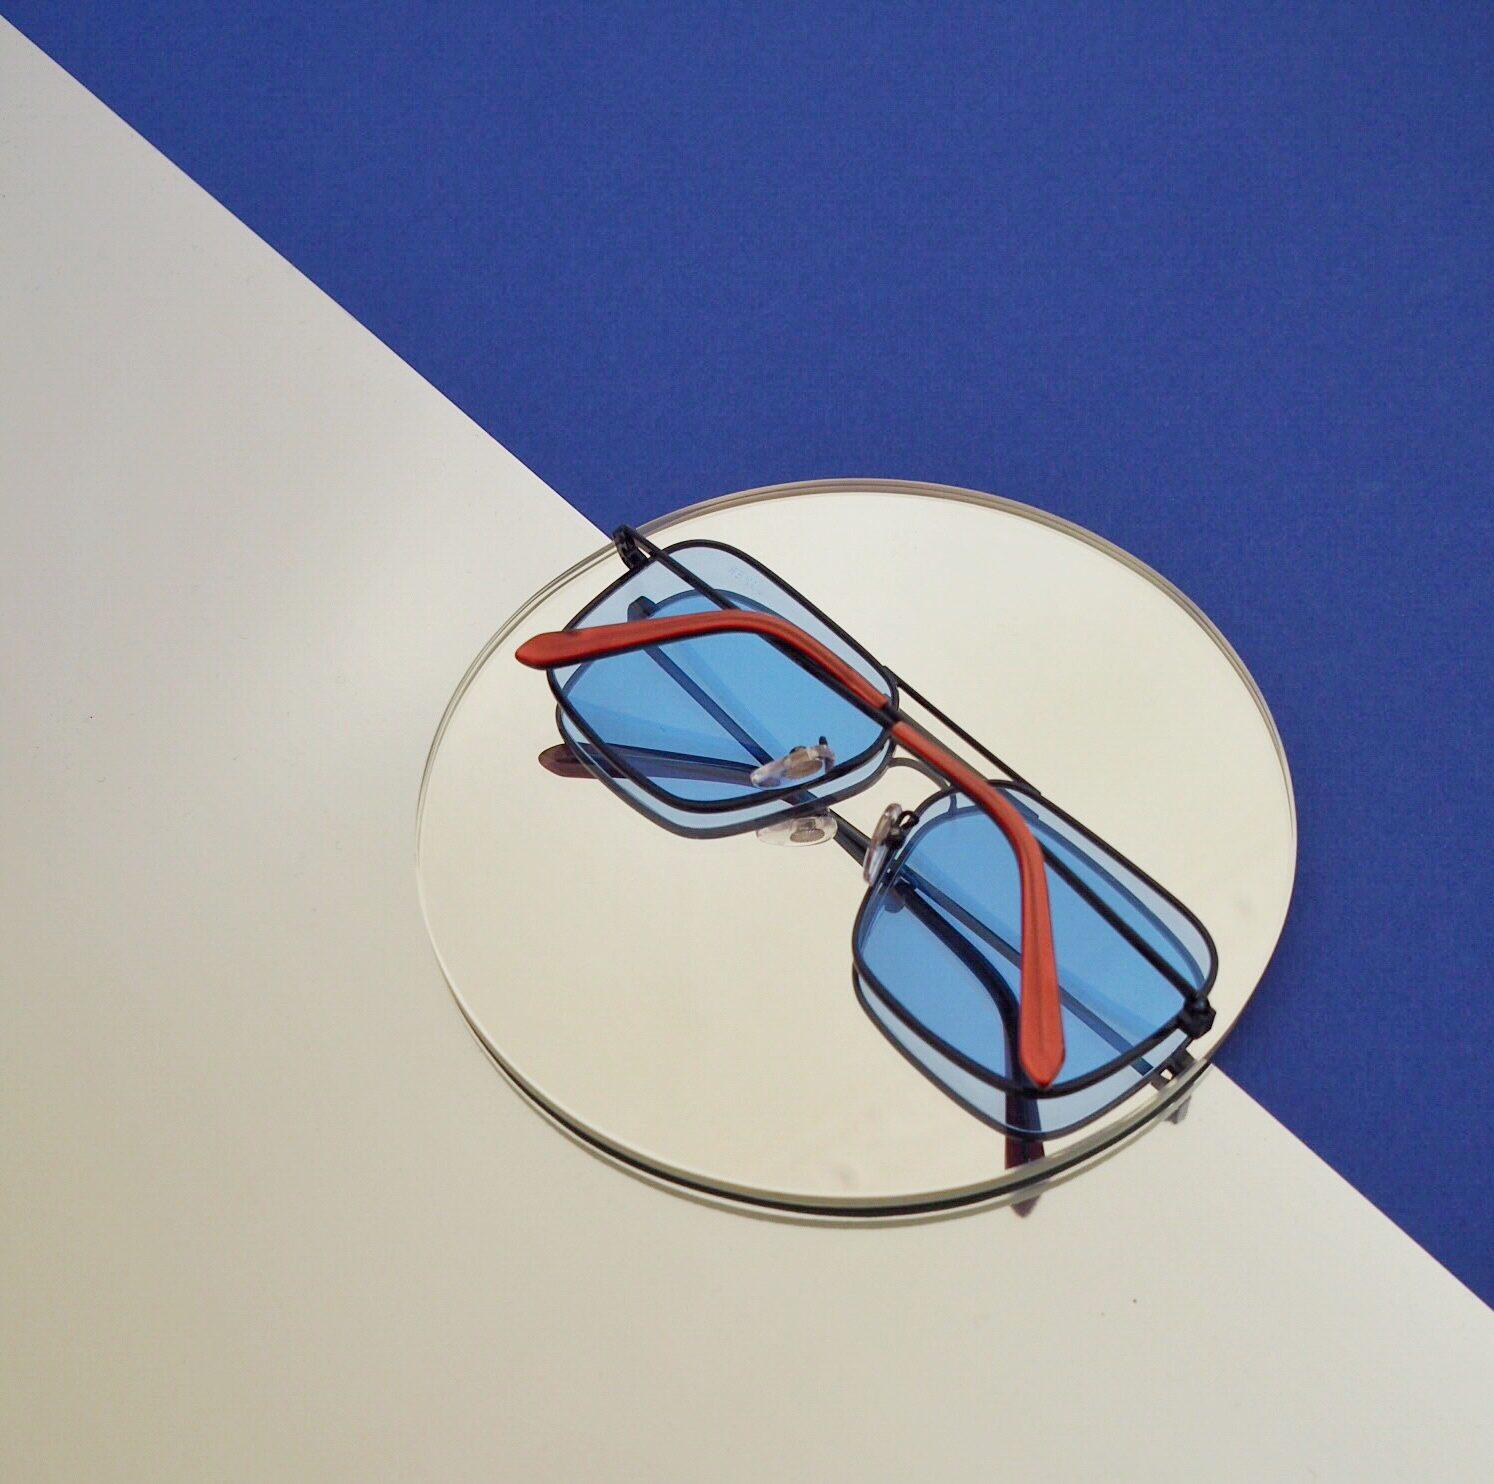 N Style Loves: Sonnenbrille Super by Retrosuperfuture @ Herr Menig Optik